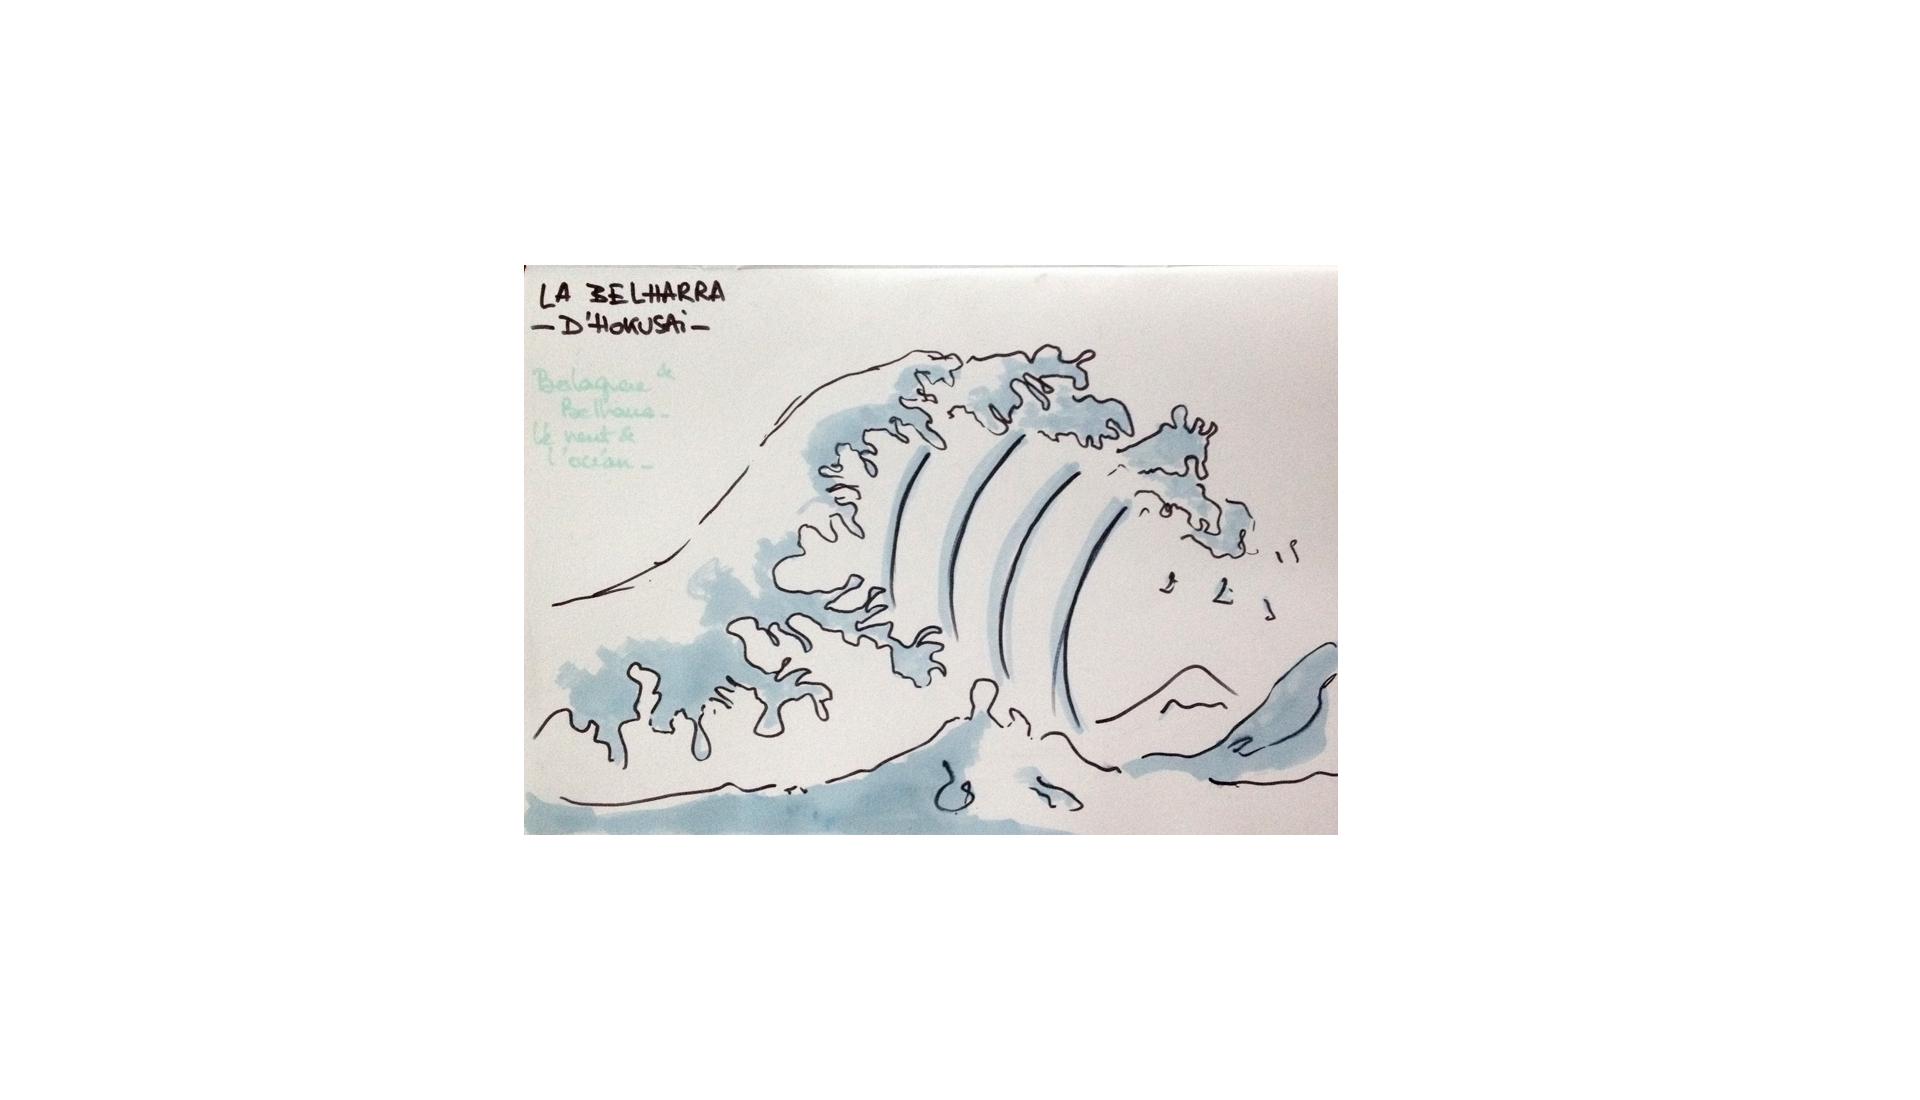 hokusai_sketch